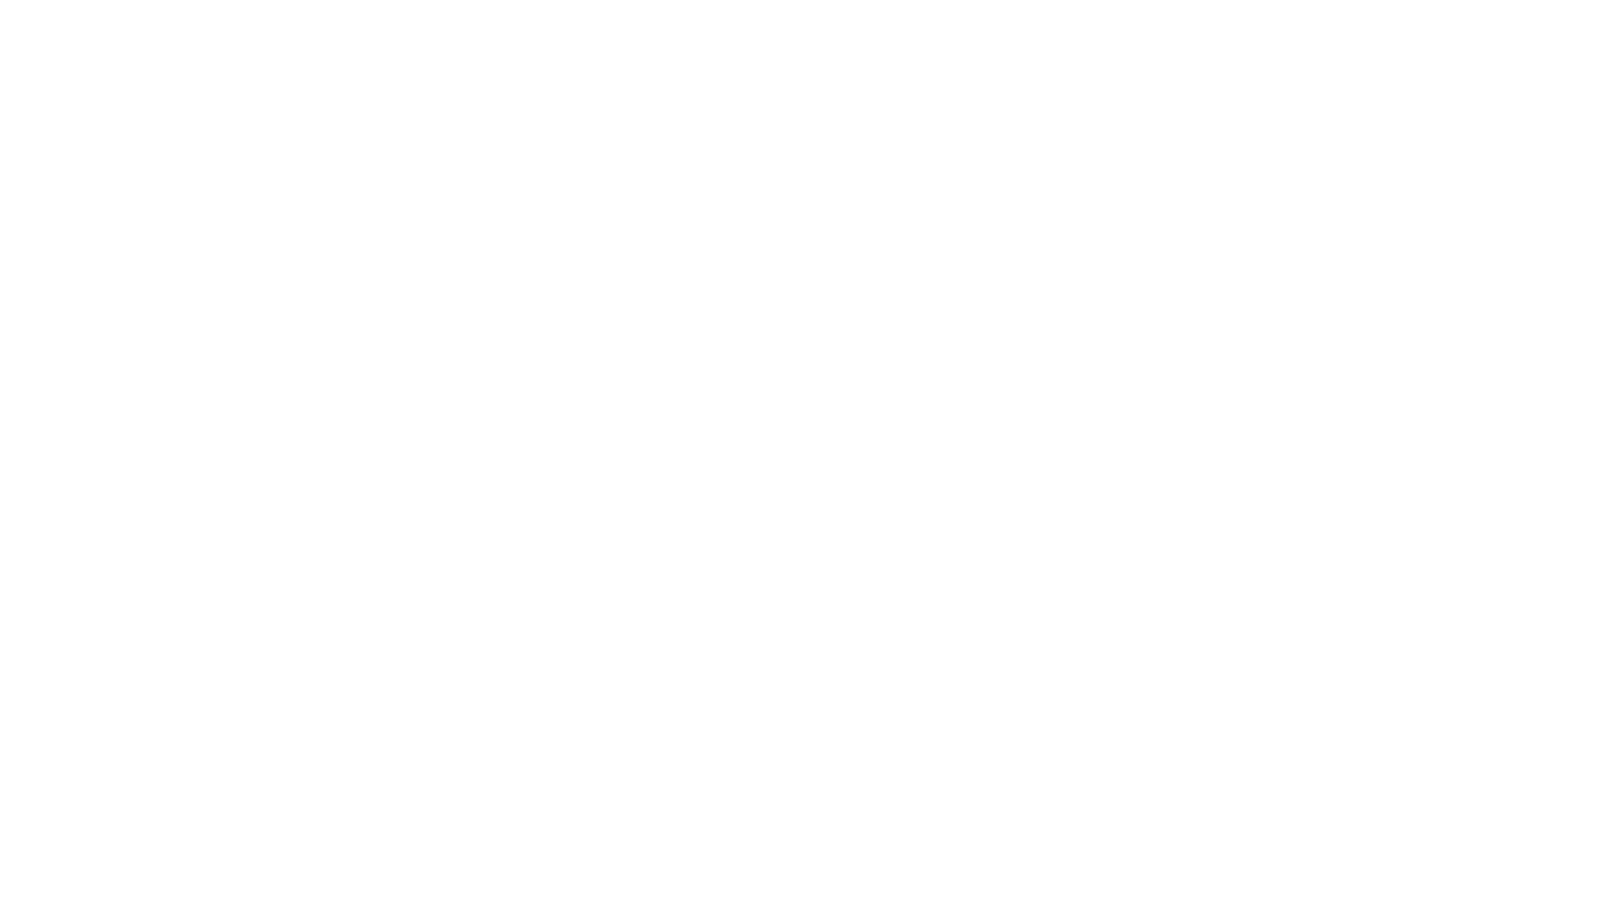 Die Politik fordert vermehrt die einheitliche Schließung der Skigebiete europaweit. Würdet ihr überhaupt Skifahren, sofern die Skigebiete geöffnet wären oder wäre es euch sowieso zu unsicher? ▬▬▬▬ AUFKLAPPEN FÜR MEHR INFOS ▬▬▬▬  #skifahren #mariusquast #skiing  Kapitel:  00:00 - Intro 00:45 - Befürworter  01:45 - Gegner 03:24 - Zusammenfassung und persönliche Situation 05:26 - Outro  Einer der ersten Vorstöße kam von Italiens Ministerpräsident Giuseppe Conte, der ein europaweites Skiverbot forderte und bis zum 10. Januar die Skigebiete geschlossen halten möchte. Dieser Forderung schlossen sich nun verschiedene Politiker und Politikerinnen an. So auch der bayerische Ministerpräsident Markus Söder und Bundeskanzlerin Angela Merkel in der heutigen Pressekonferenz. Sie sagte, dass die Gespräche sicher schwierig werden, aber man sich mit den europäischen Nachbarn abstimmen werden. Dies bestätige auch Emmanuel Macron.  Auf der anderen Seite stellt sich Österreich und insbesondere der Finanzminister Gernot Blümel quer. Er forderte Ausgleichzahlungen seitens der EU, sollte das Alpenland die Skigebiete geschlossen halten müssen. Hier sind 800 Millionen Euro pro Woche im Gespräch, sofern es zur Schließung kommt. Entscheidend ist hier, dass Österreich mit 15% des BIP vom Tourismus abhängt und die Weihnachts- und Silvesterzeit für viele Bergbahnen ein sehr erheblicher Zeitraum ist.   QUELLEN: [1] https://www.merkur.de/welt/coronavirus-ski-urlaub-frankreich-oesterreich-deutschland-verbot-soeder-bayern-wintersport-kurz-zr-90110649.html [2]  https://www.tagesschau.de/ausland/corona-s  kisaison-alpen-101.html [3]  https://www.onetz.de/deutschland-welt/deutschland-welt/bareiss-skifahren-klaren-kriterien-moeglich-id3139469.html [4] https://www.tagesspiegel.de/politik/sorge-vor-einem-zweiten-ischgl-der-skiurlaub-muss-wohl-warten/26659064.html [5]  https://www.sueddeutsche.de/reise/skifahren-coronavirus-oesterreich-kommentar-ischgl-1.5127291  ▬▬▬▬   Werbung:  ► sving Skistöcke (eigene 